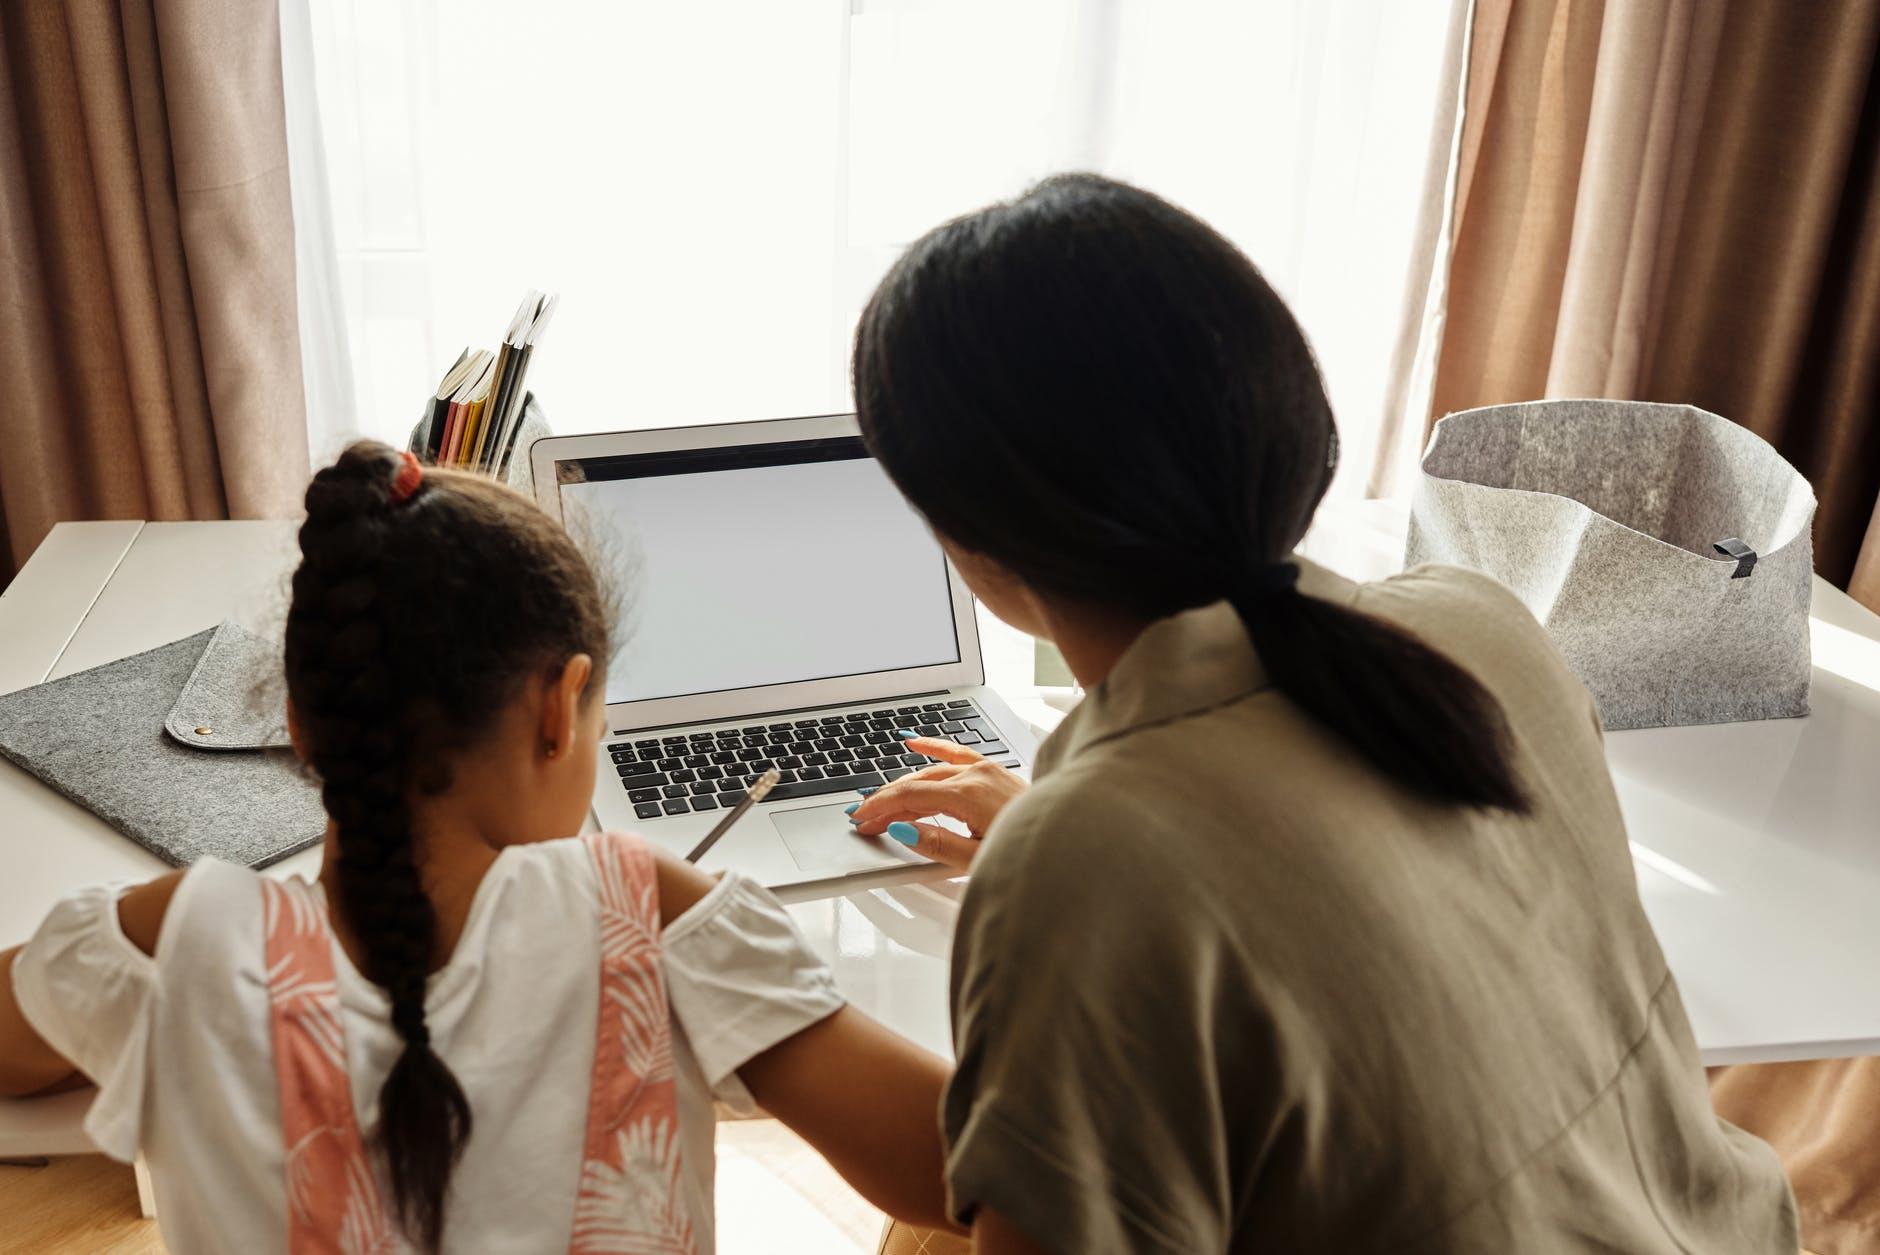 Psichologės patarimai ne tik vaikams, patiriantiems patyčias, bet ir tėvams bei mokytojams, pastebintiems, kai tyčiojamasi iš vaiko